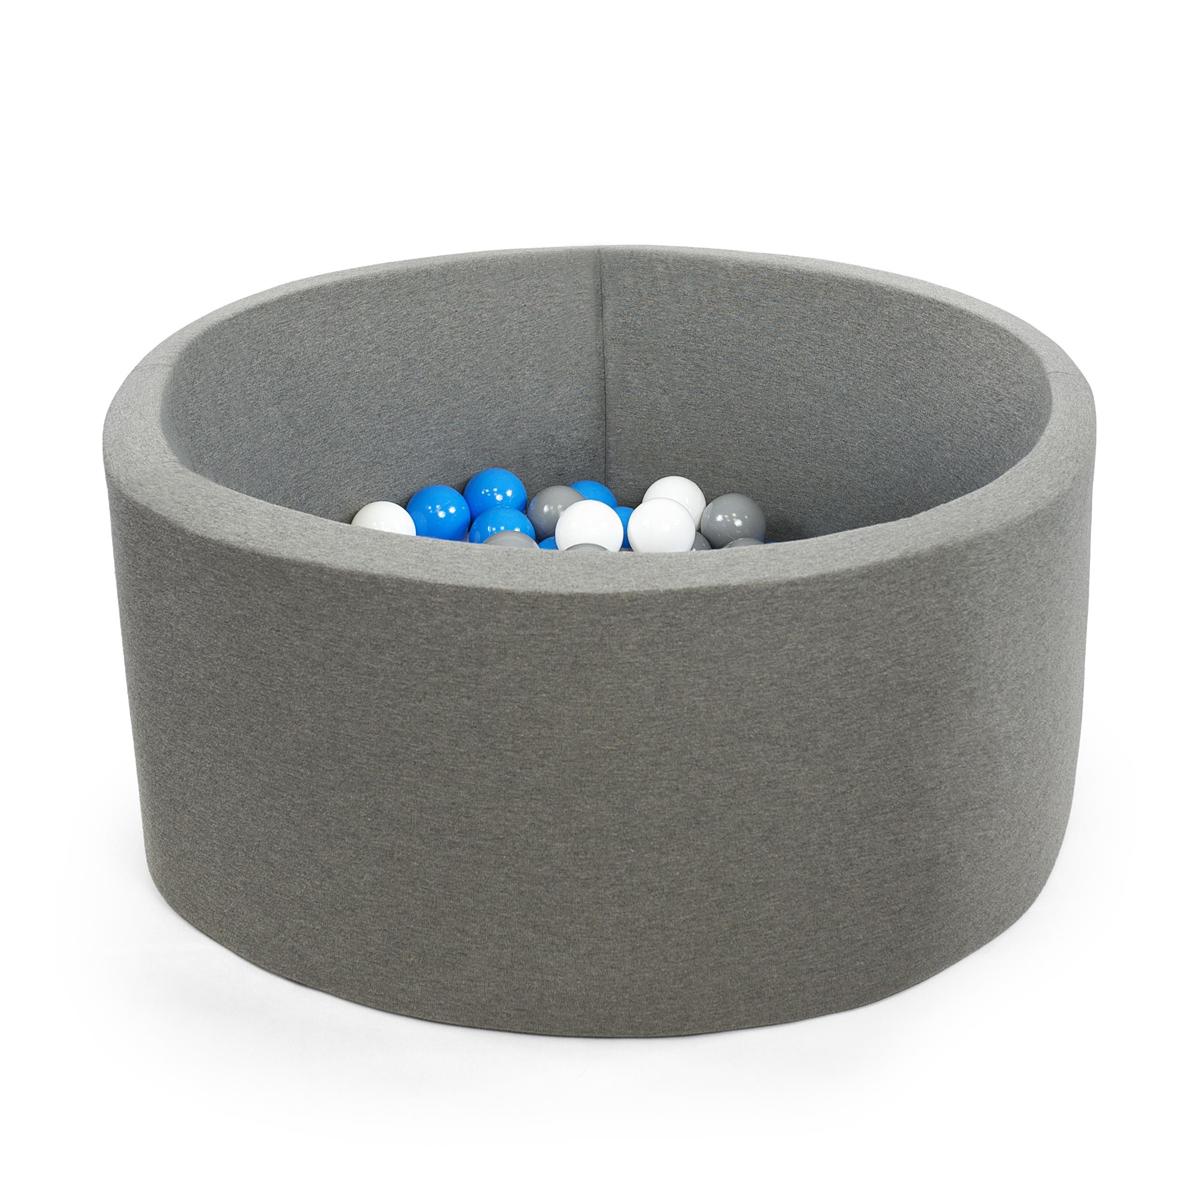 Misioo piscine balles ronde grise 90 cm balle abbg - Boule lumineuse piscine ...